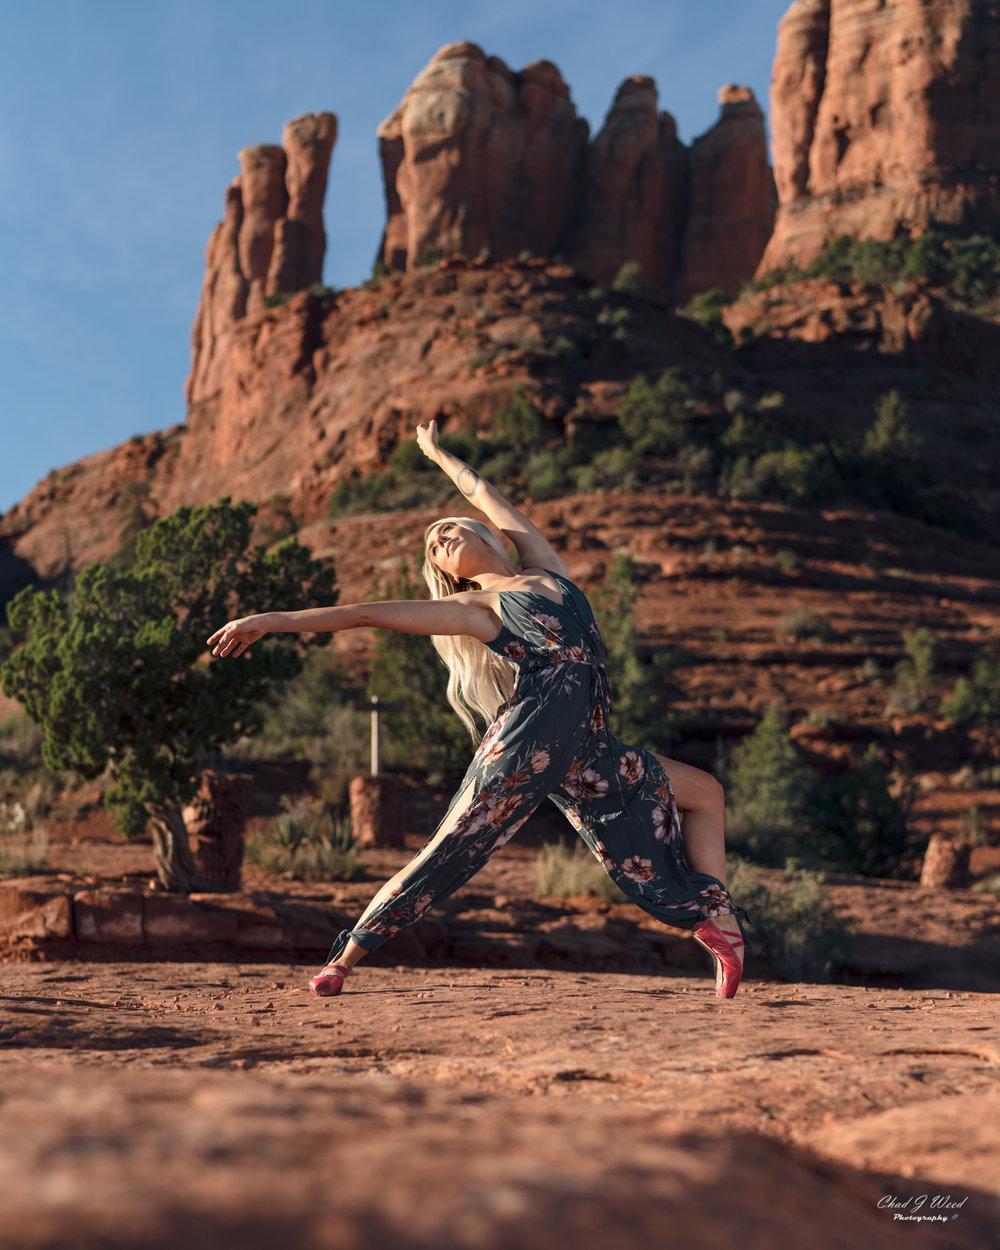 Arizona Fashion Photographer Chad Weed With Dance Model Ashyln In Sedona Arizona